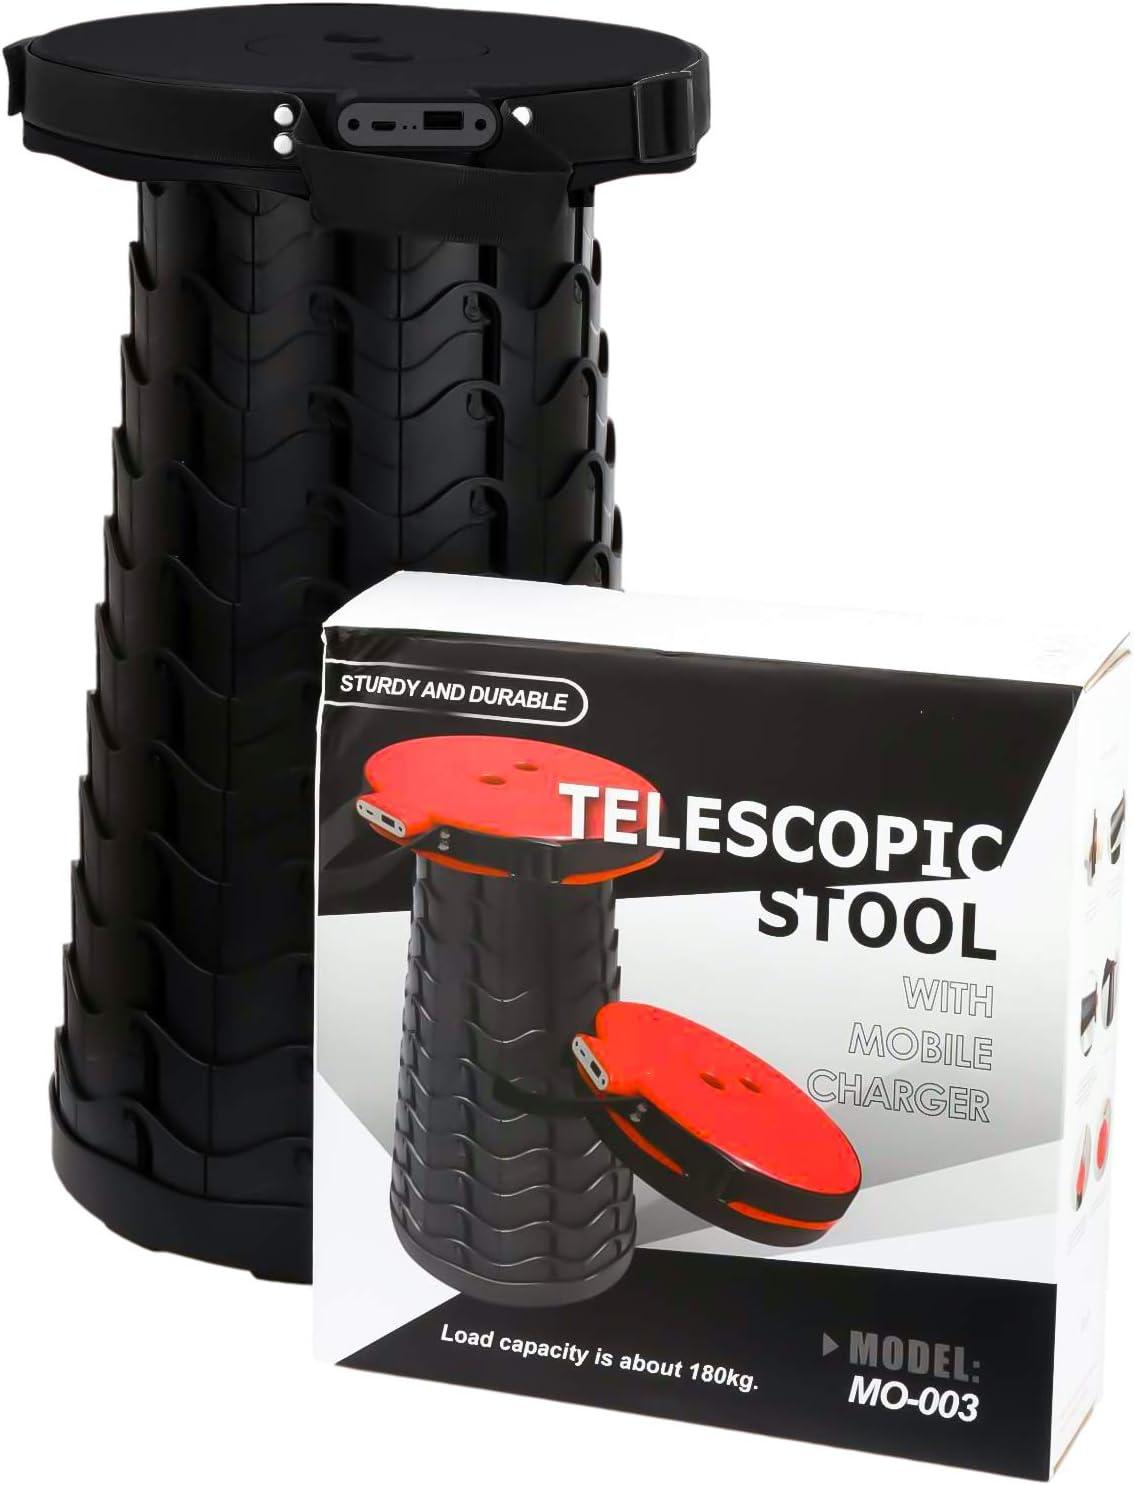 Haxton Portable Retractable Telescopic Stool $11.99 Coupon